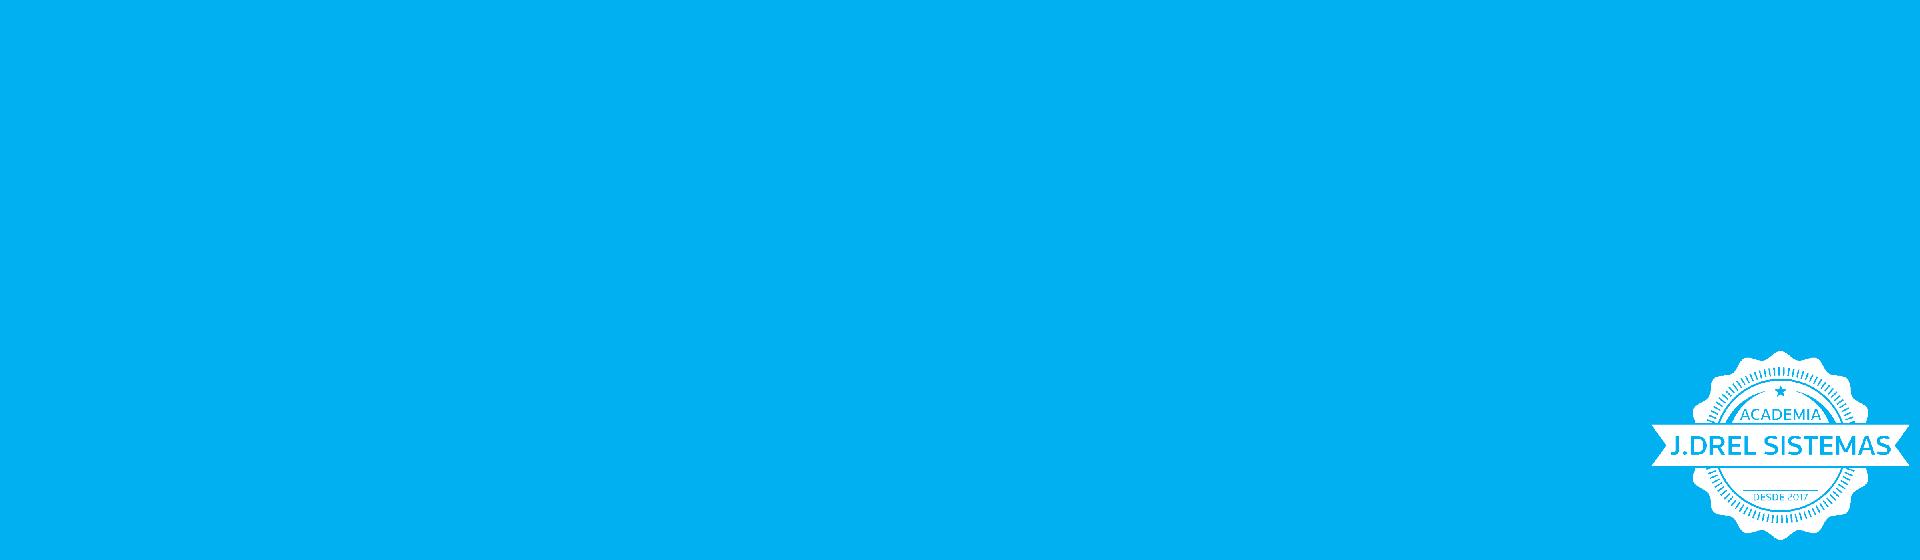 Banner academia azul 40